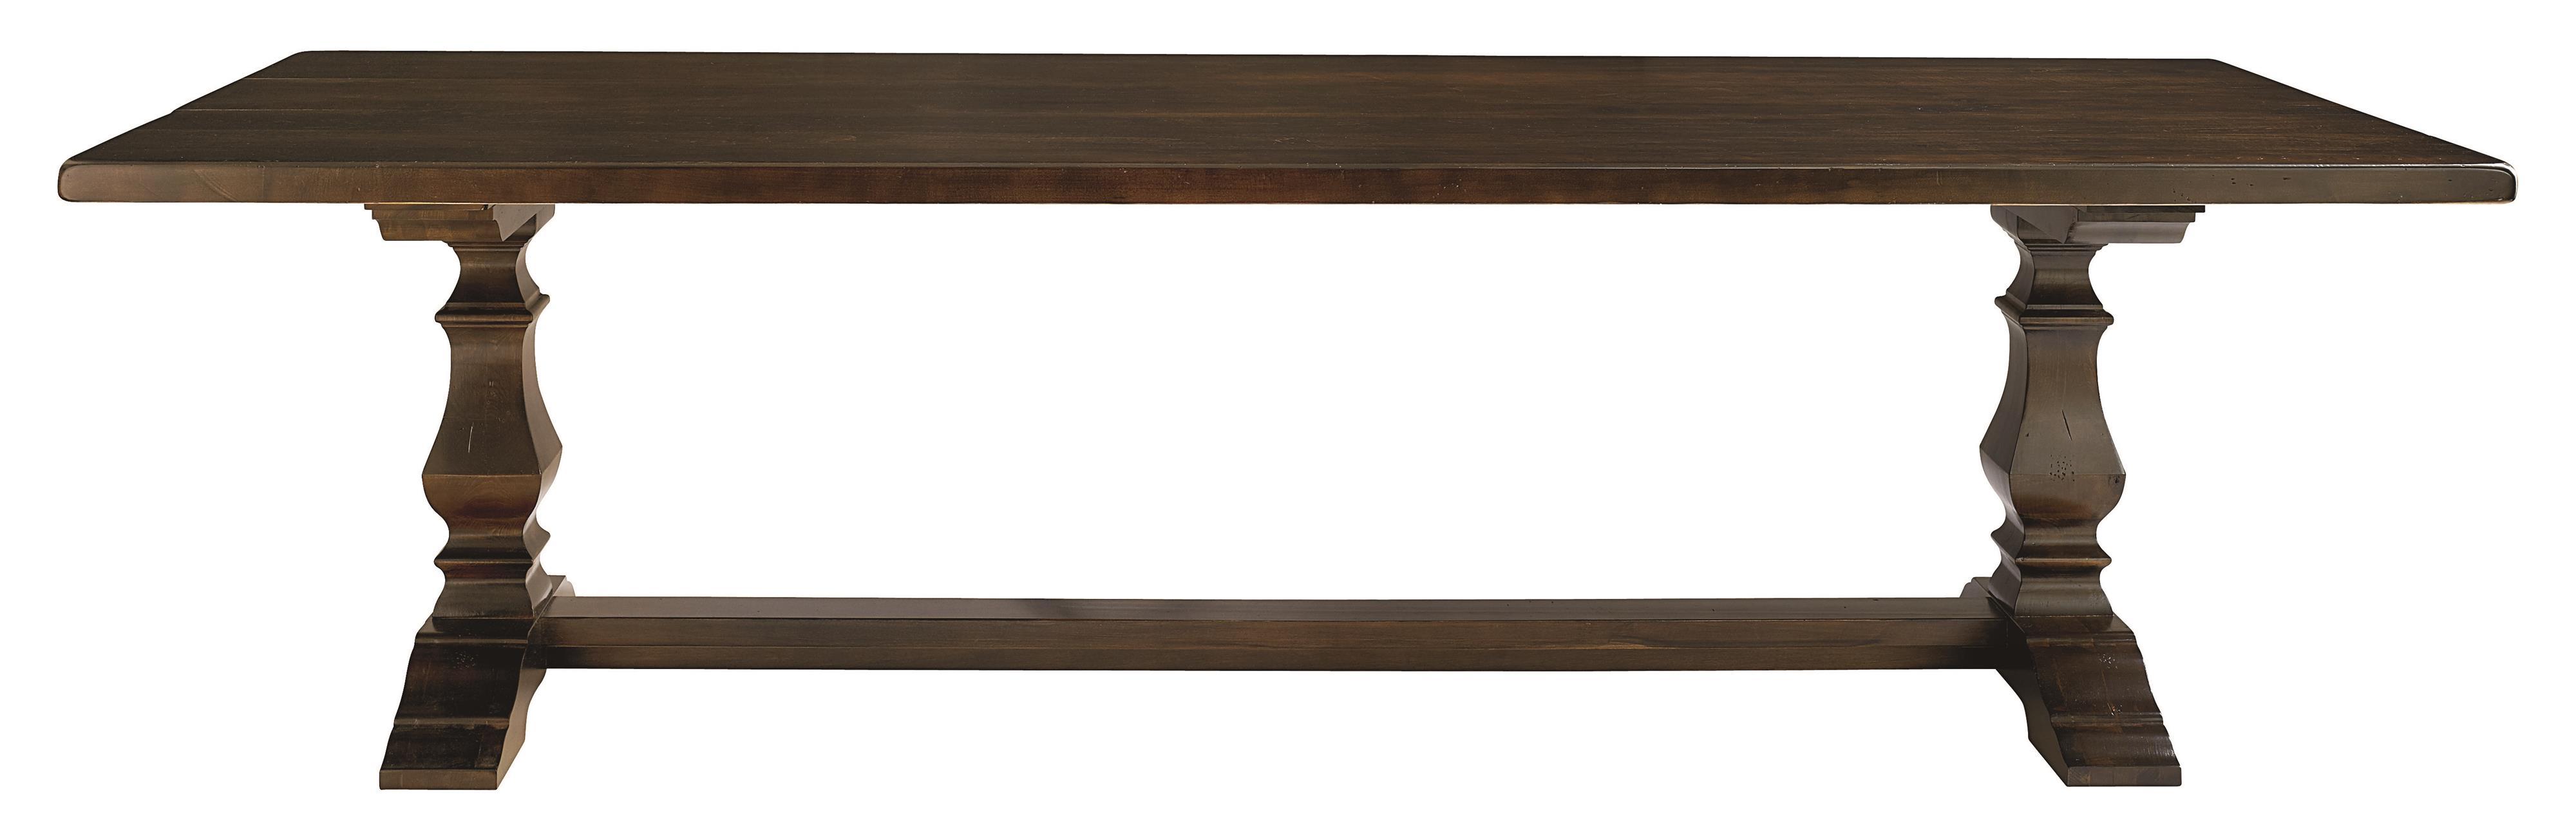 """Bench Made Maple 108"""" Rectangular Table by Bassett at Bassett of Cool Springs"""